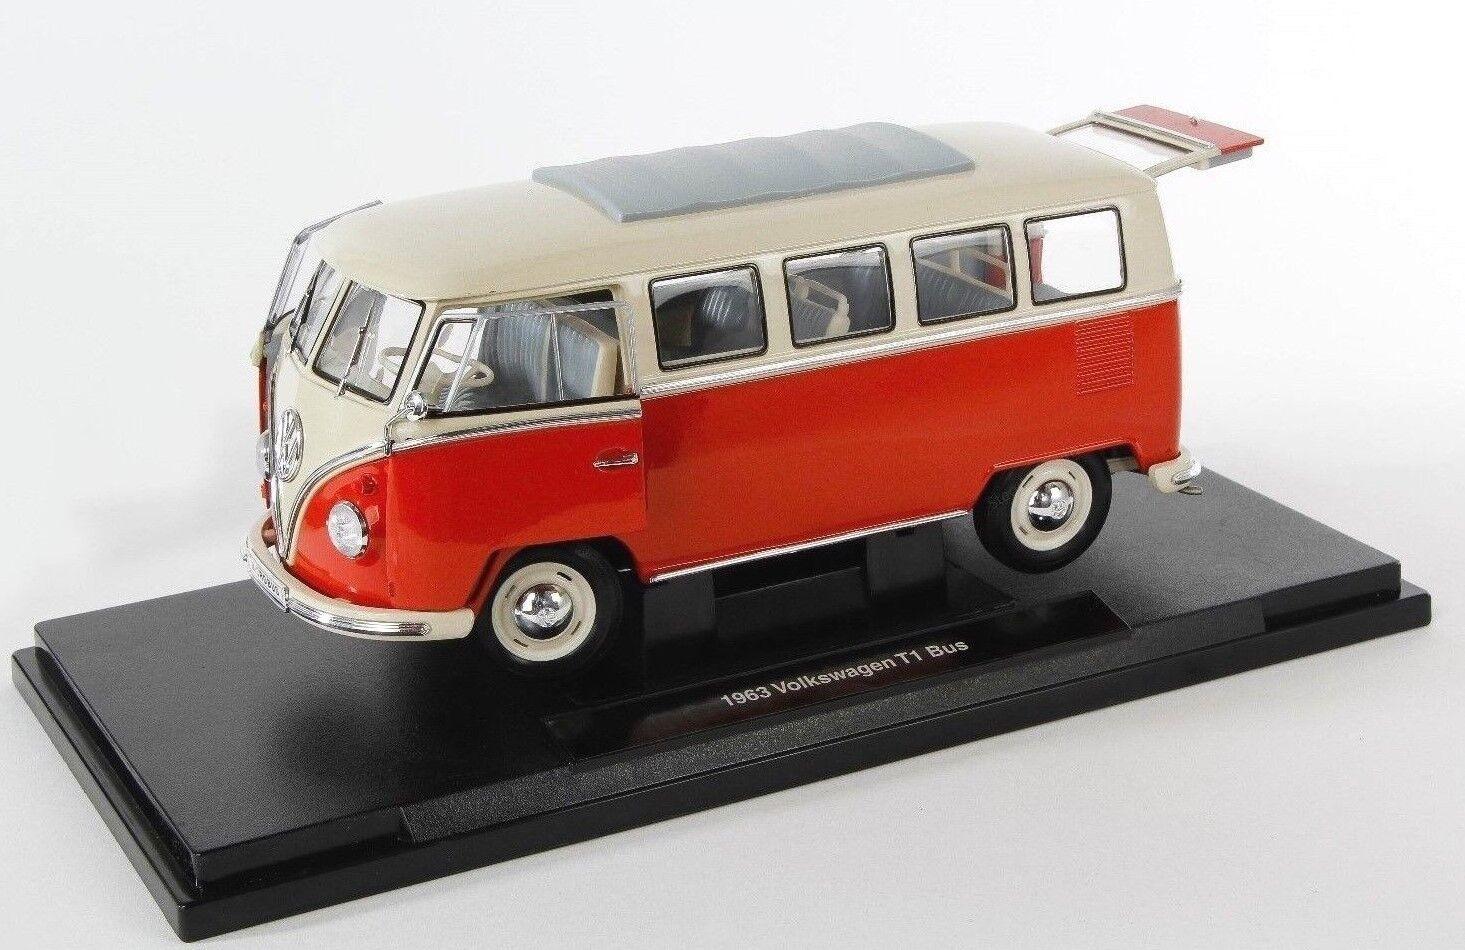 BLITZ VERSAND Volkswagen VW T1 Bus 1963 red-creme Welly Modell Auto 1 18 NEU OVP